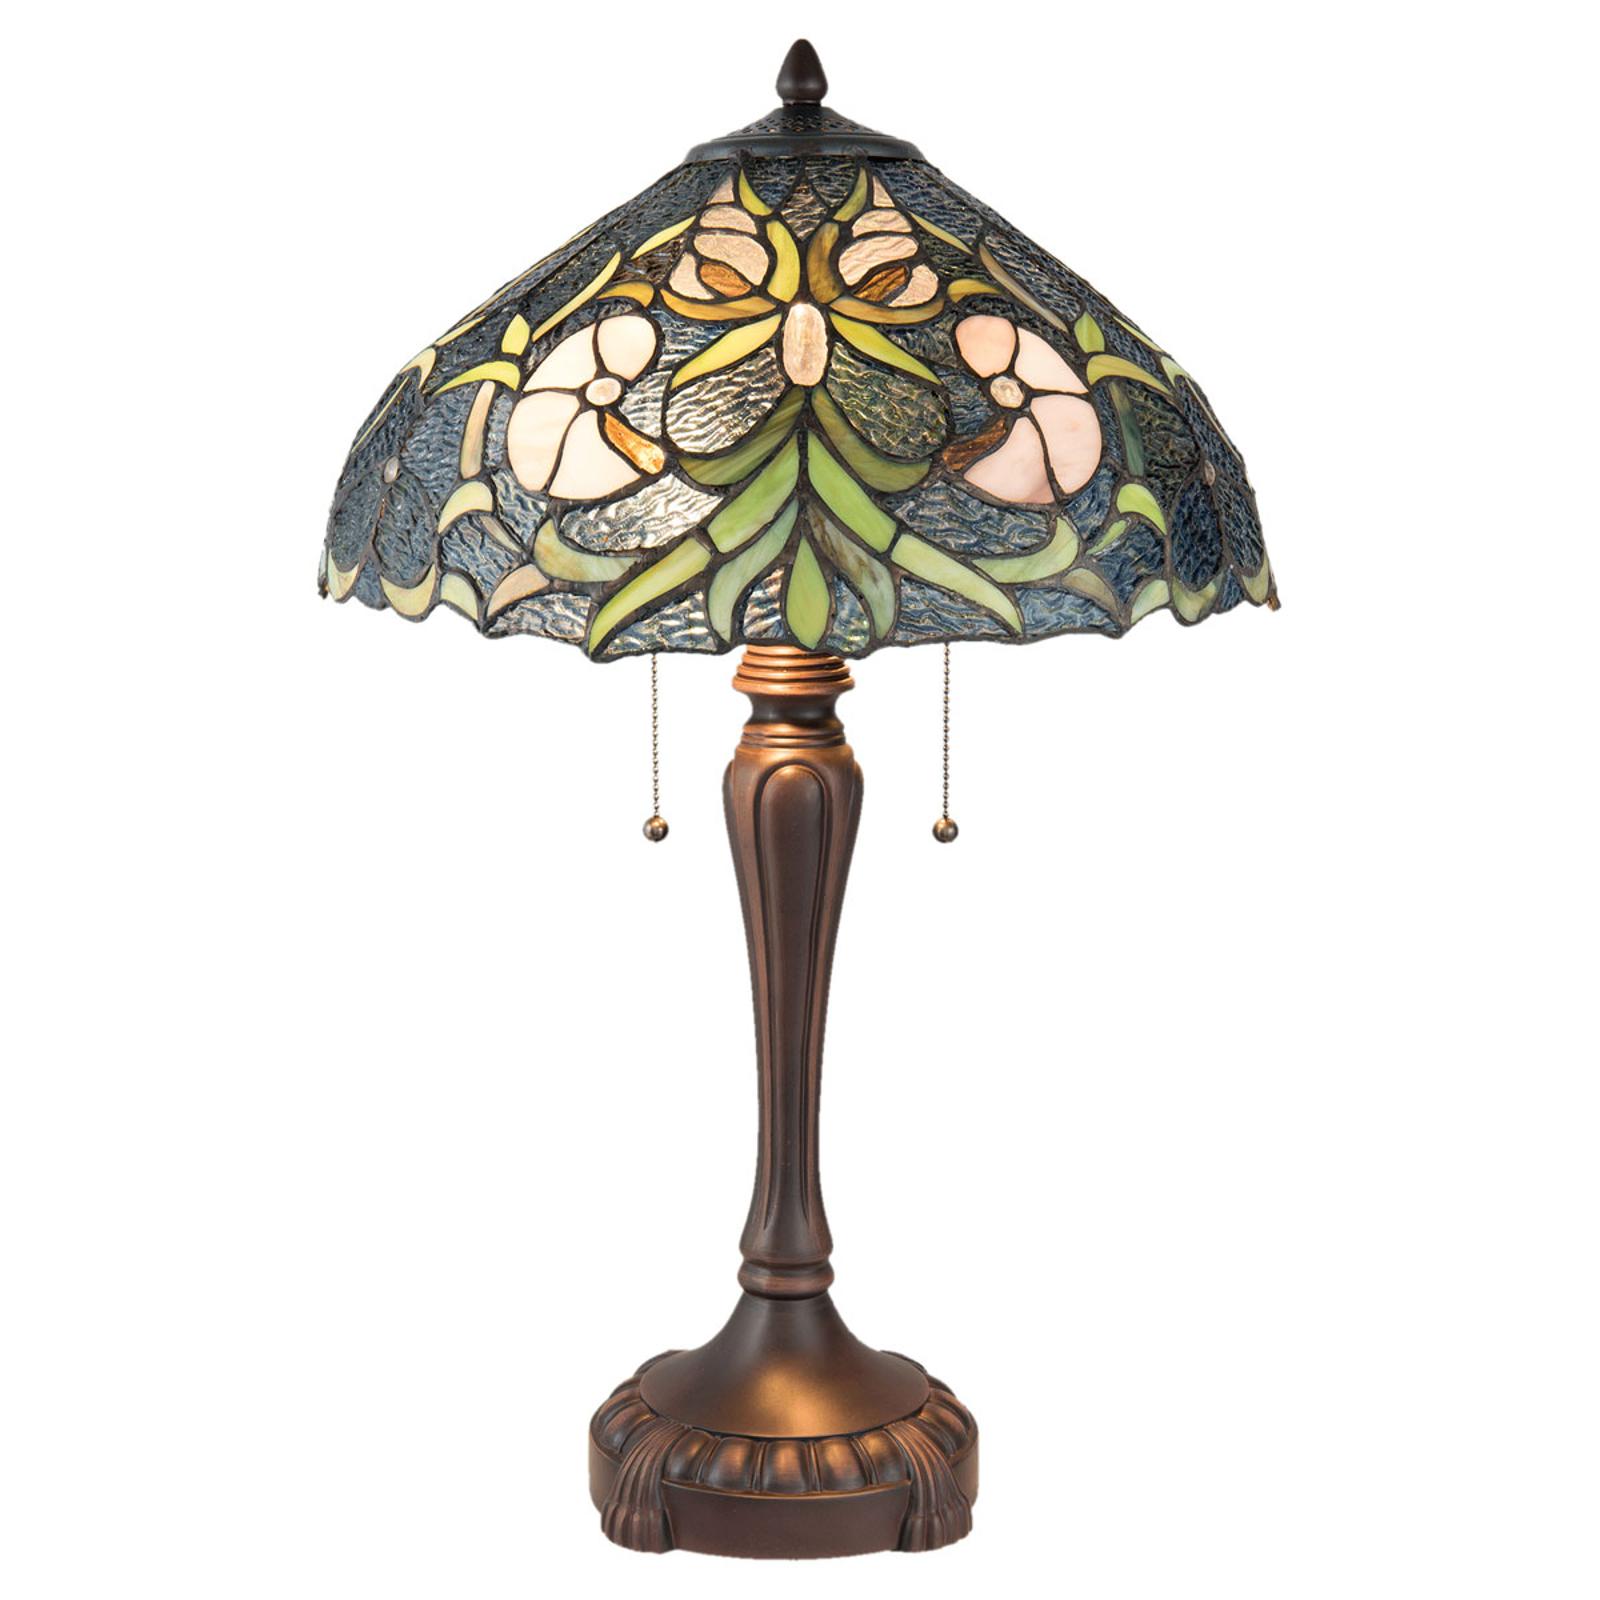 Pöytälamppu 5922 tiffany-tyyliä, 2-lamppuinen